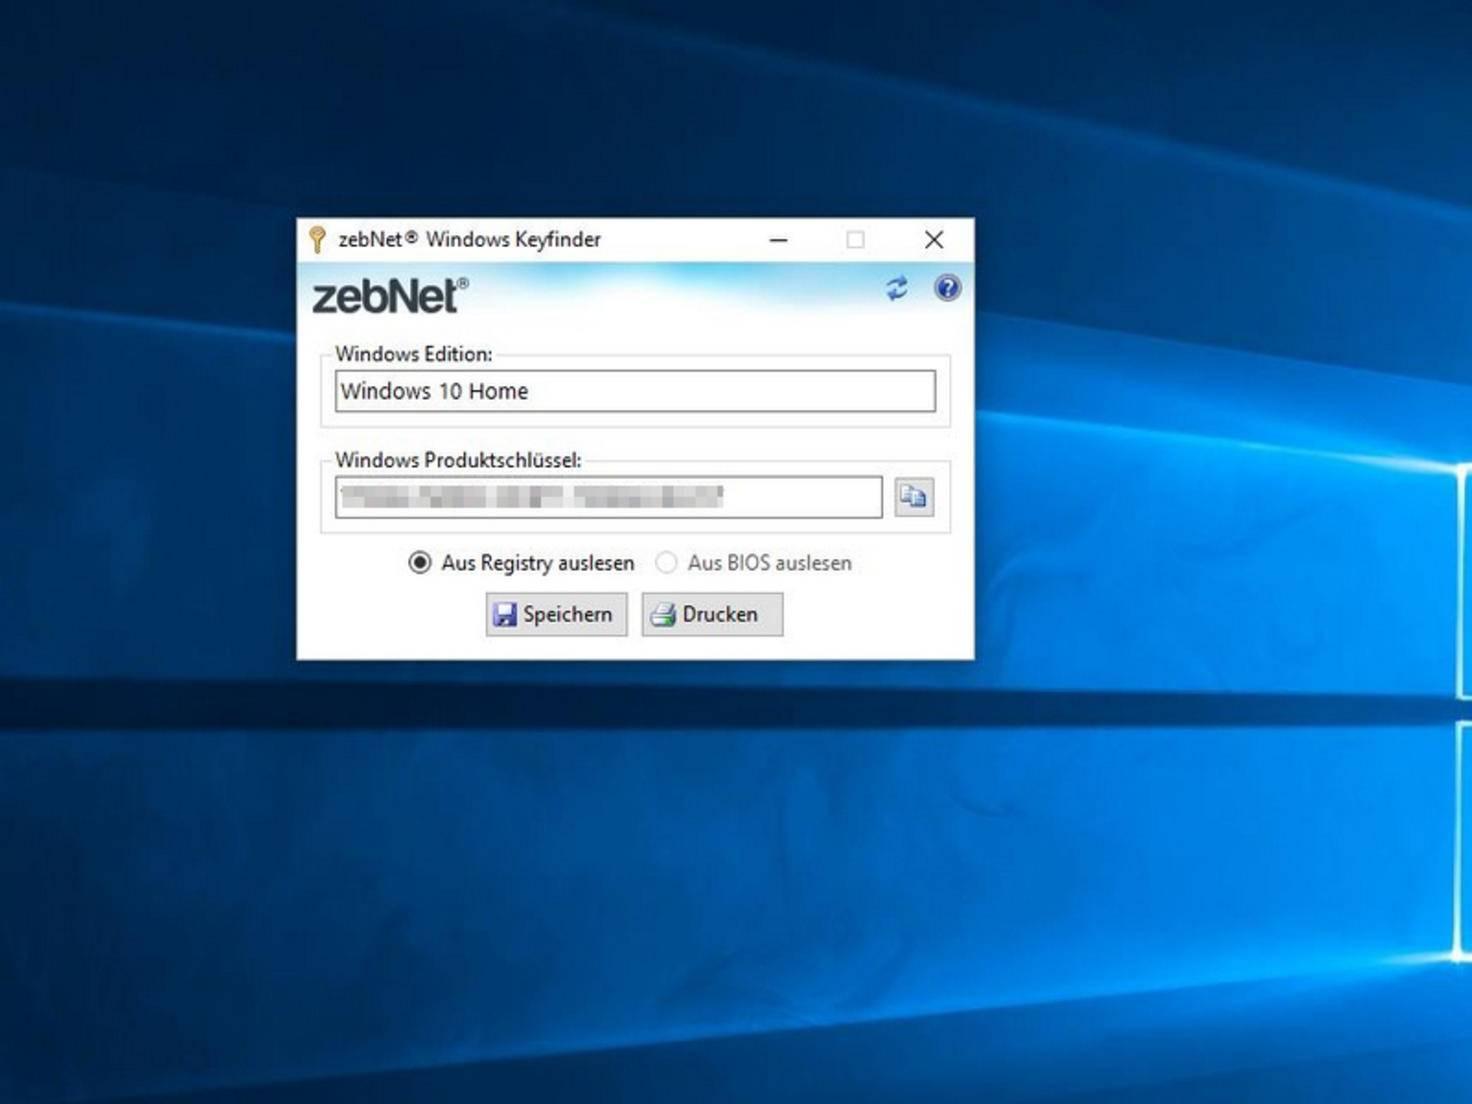 Windows_Keyfinder